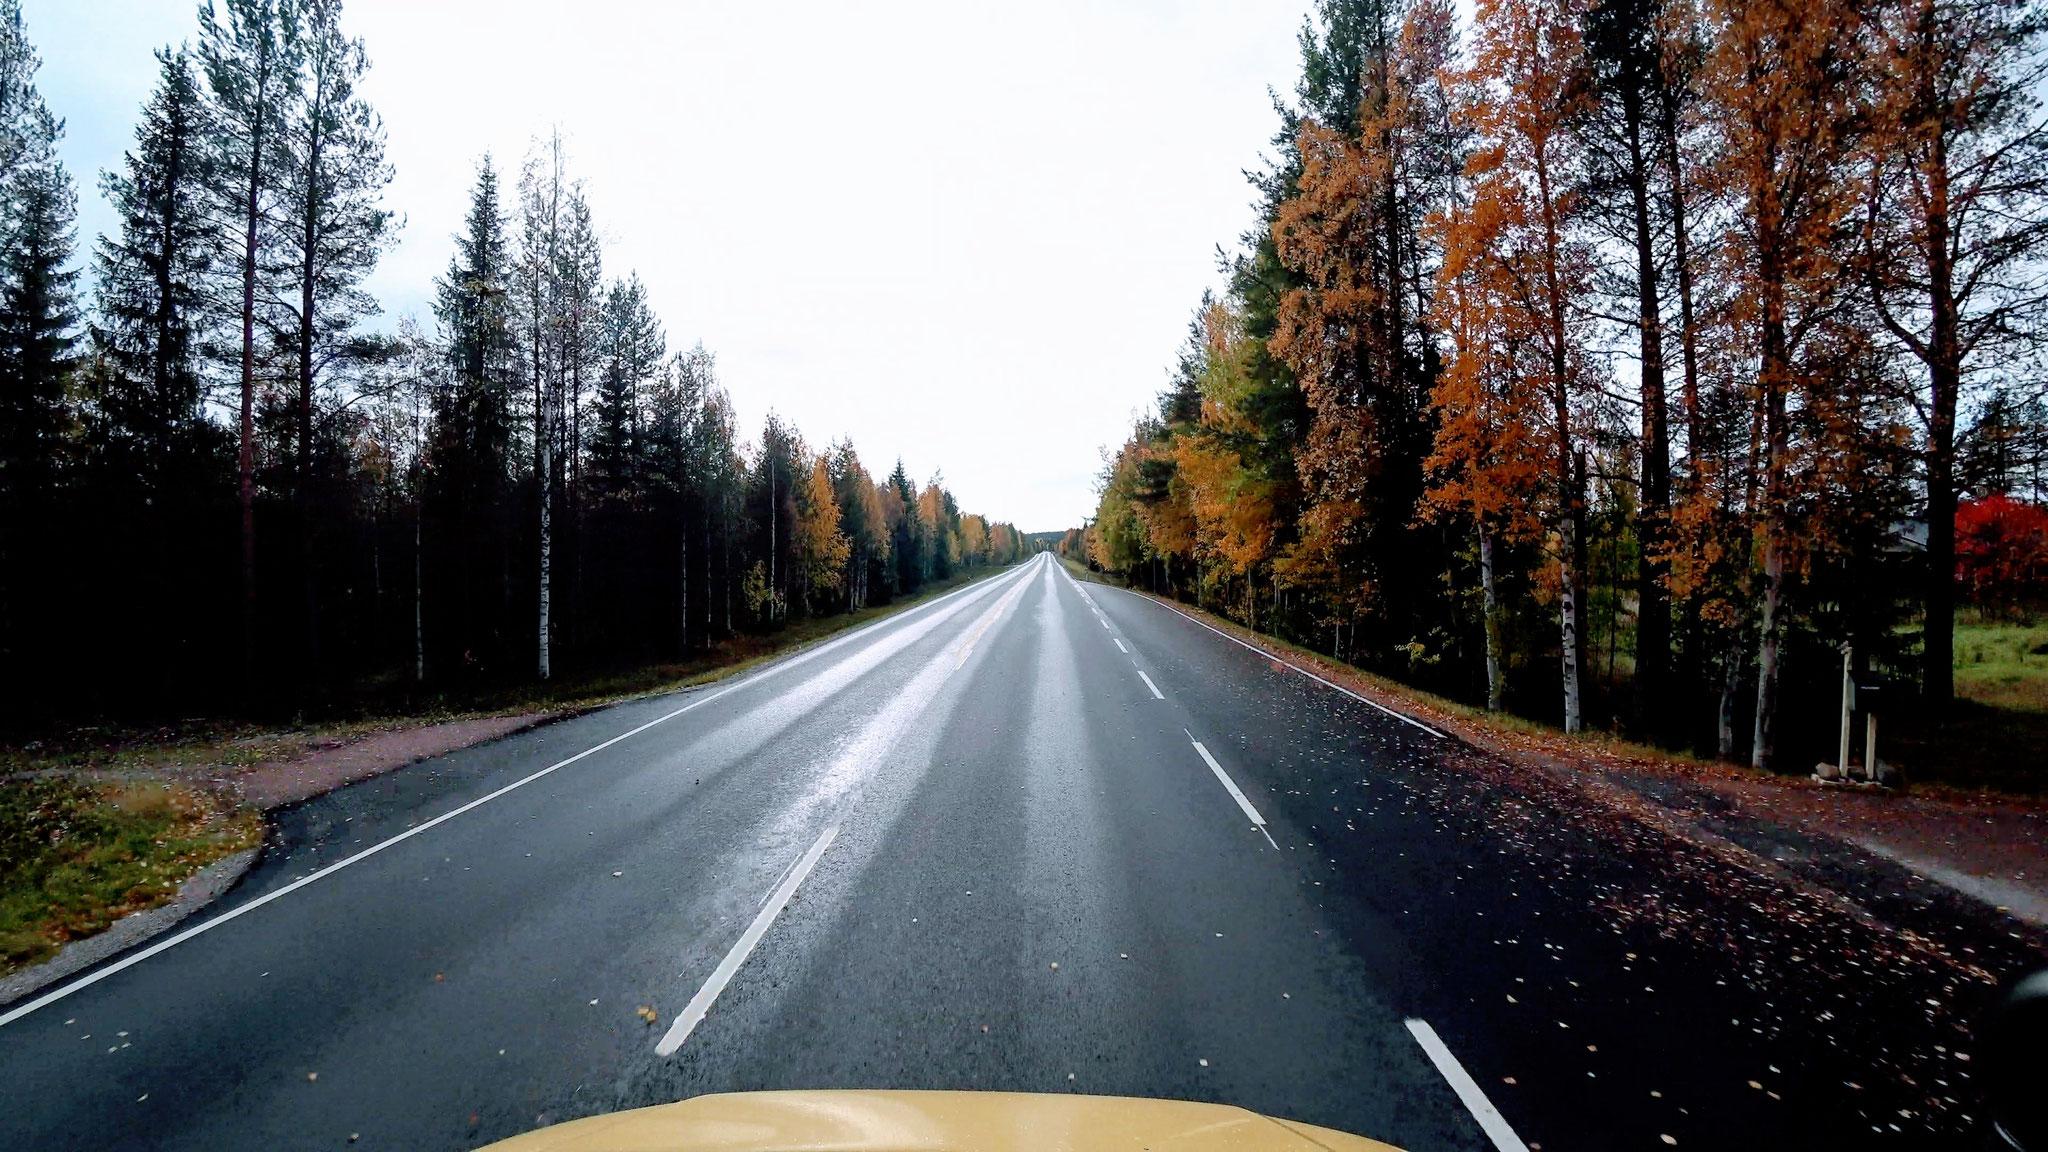 In Finnland gibt es vor allem Eins.... Wald. Und dann Wald und nochmals Wald